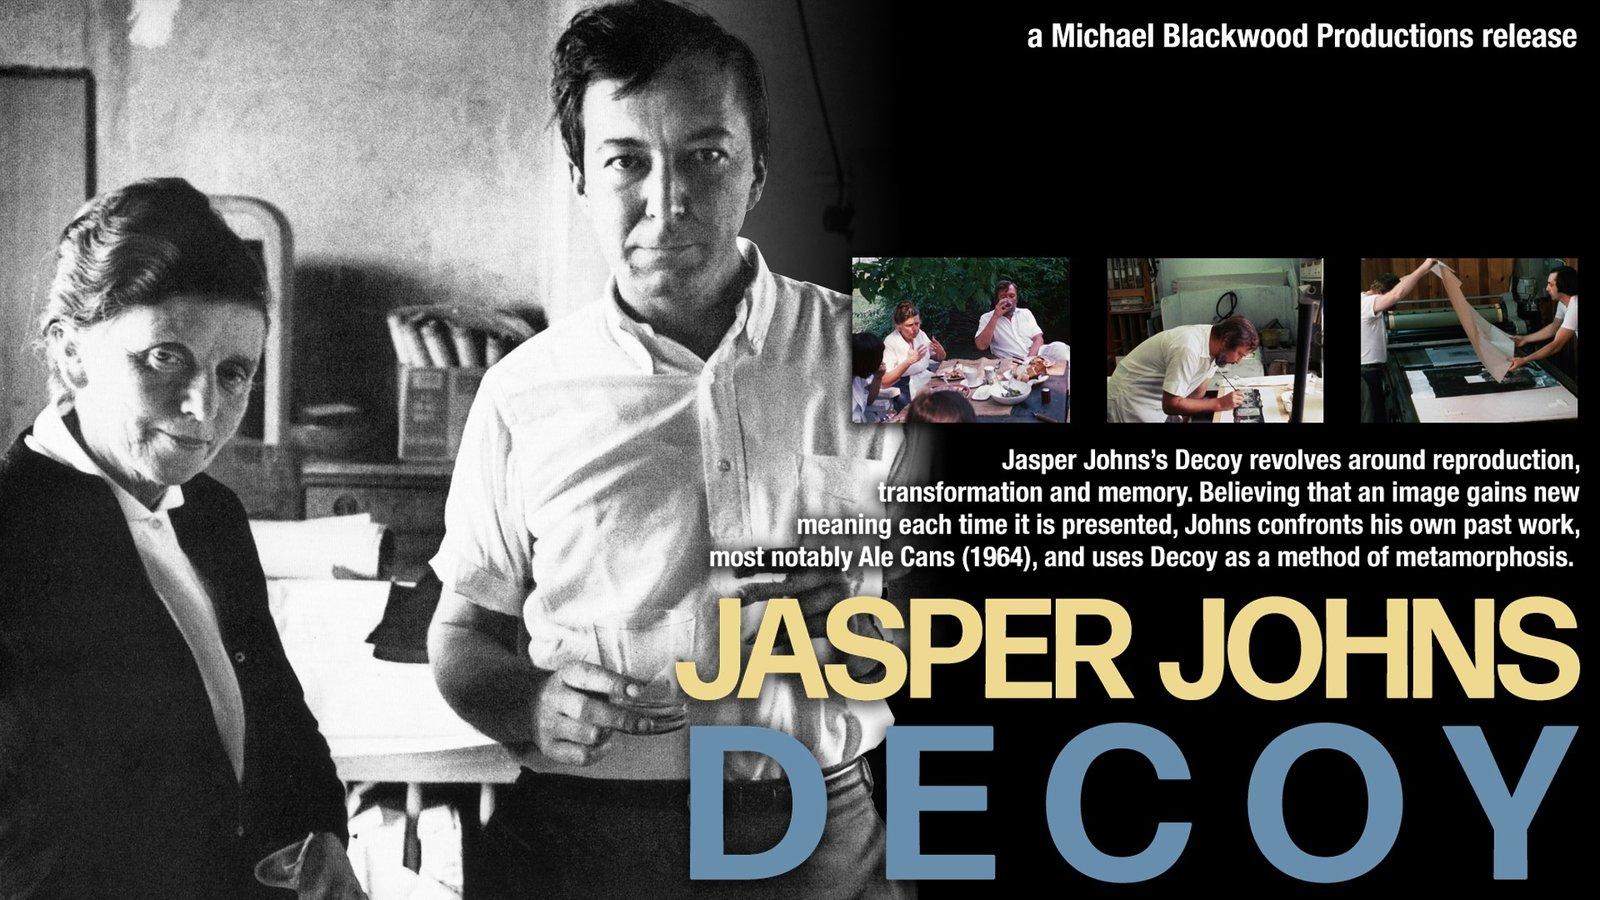 Jasper Johns: Decoy - An Artist Re-imagines his Past Work